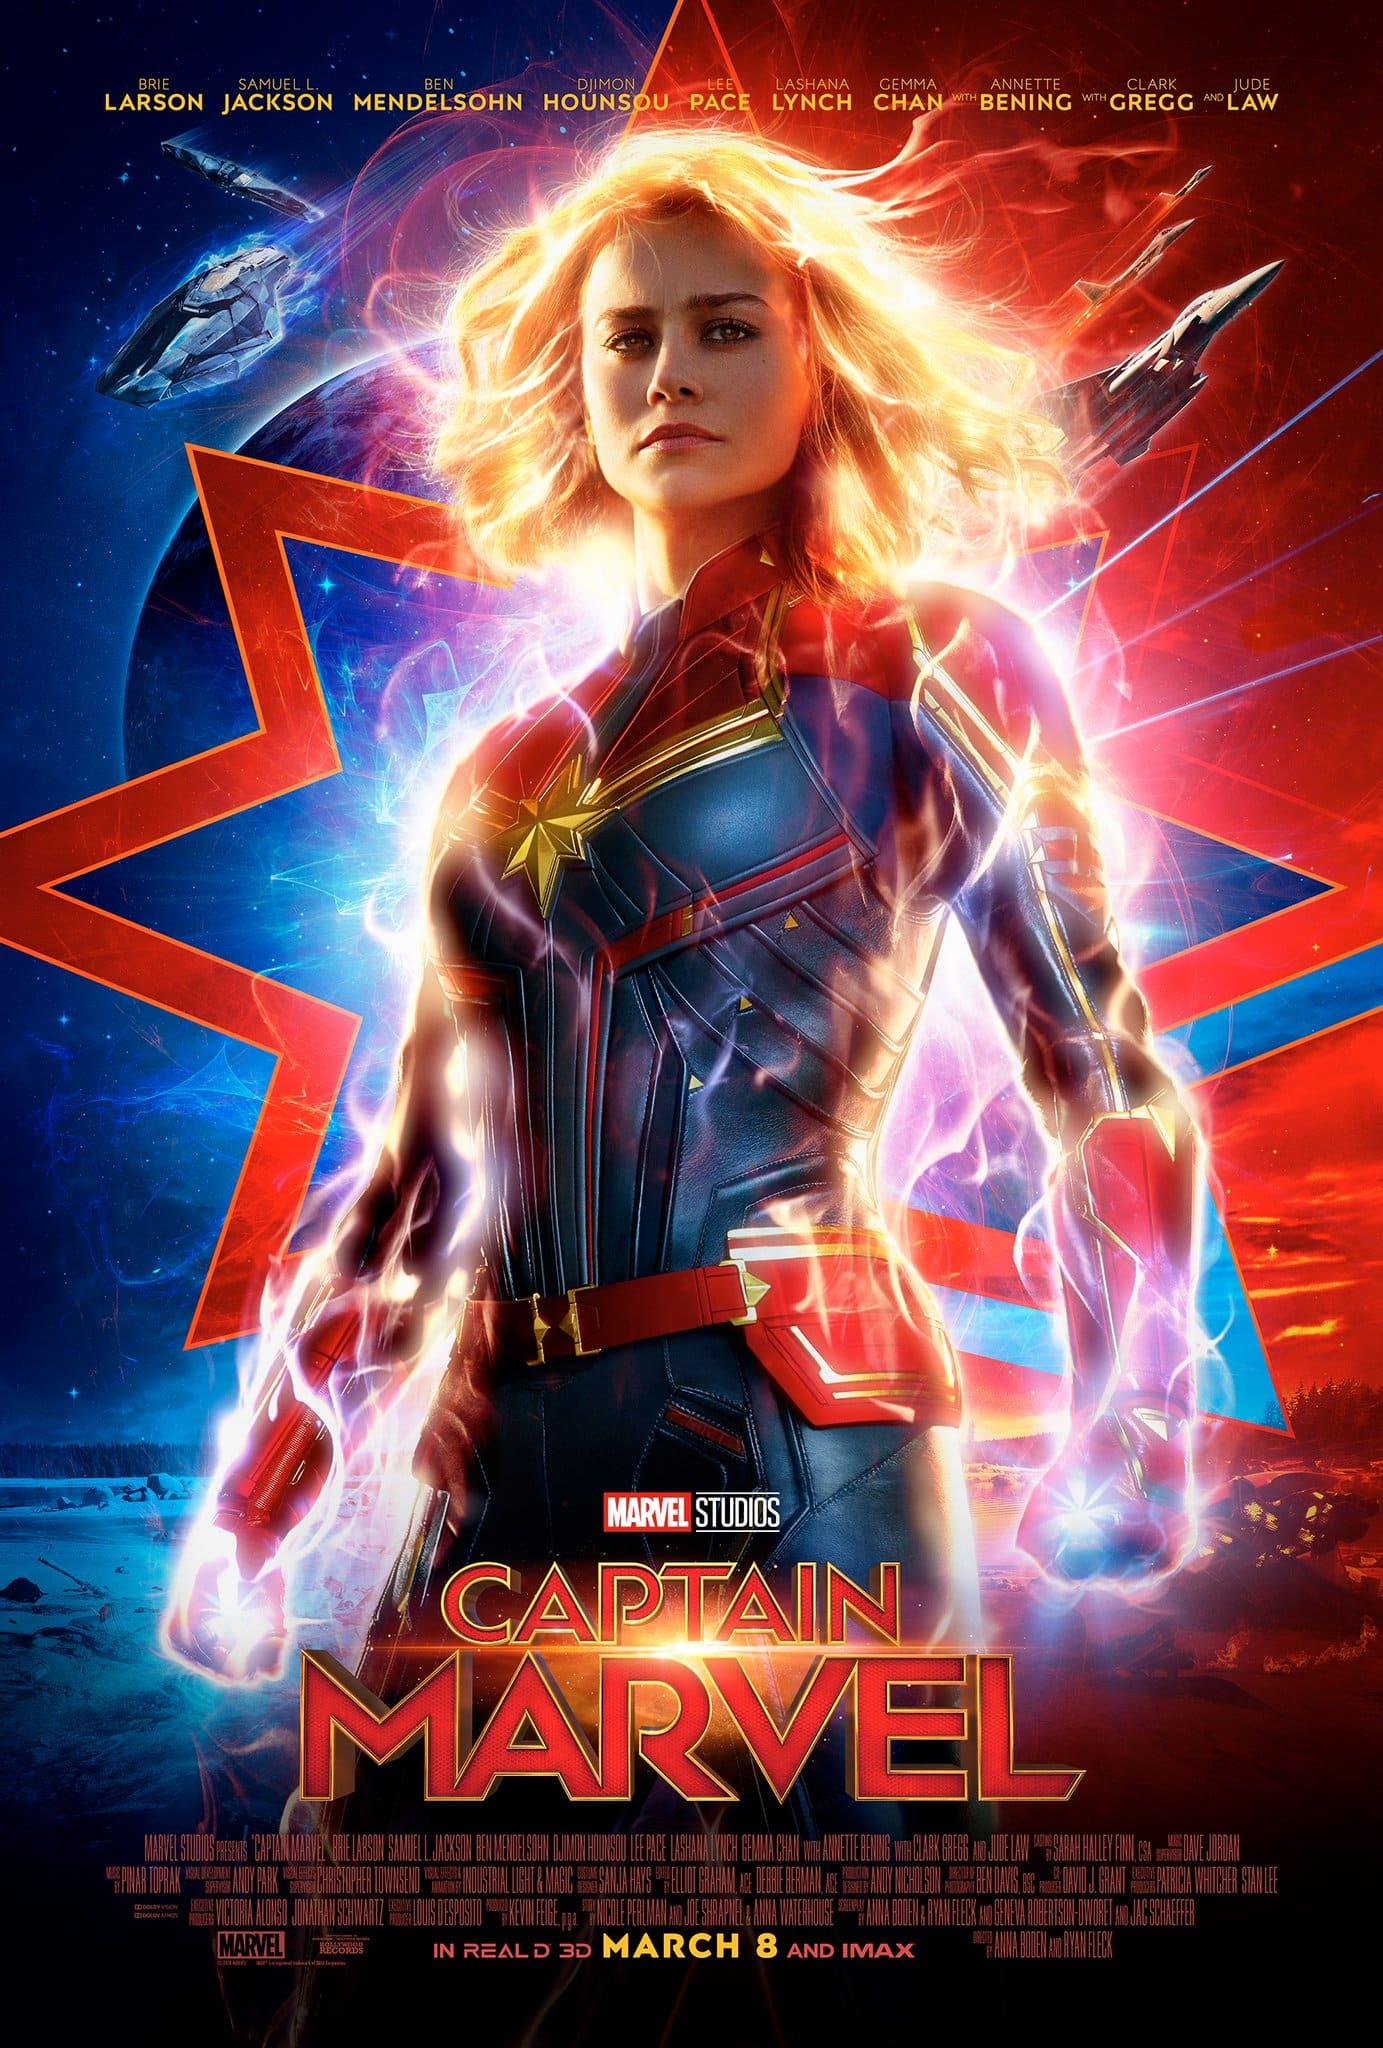 Oficiálny plagát k 21. marvelovke - Captain Marvel